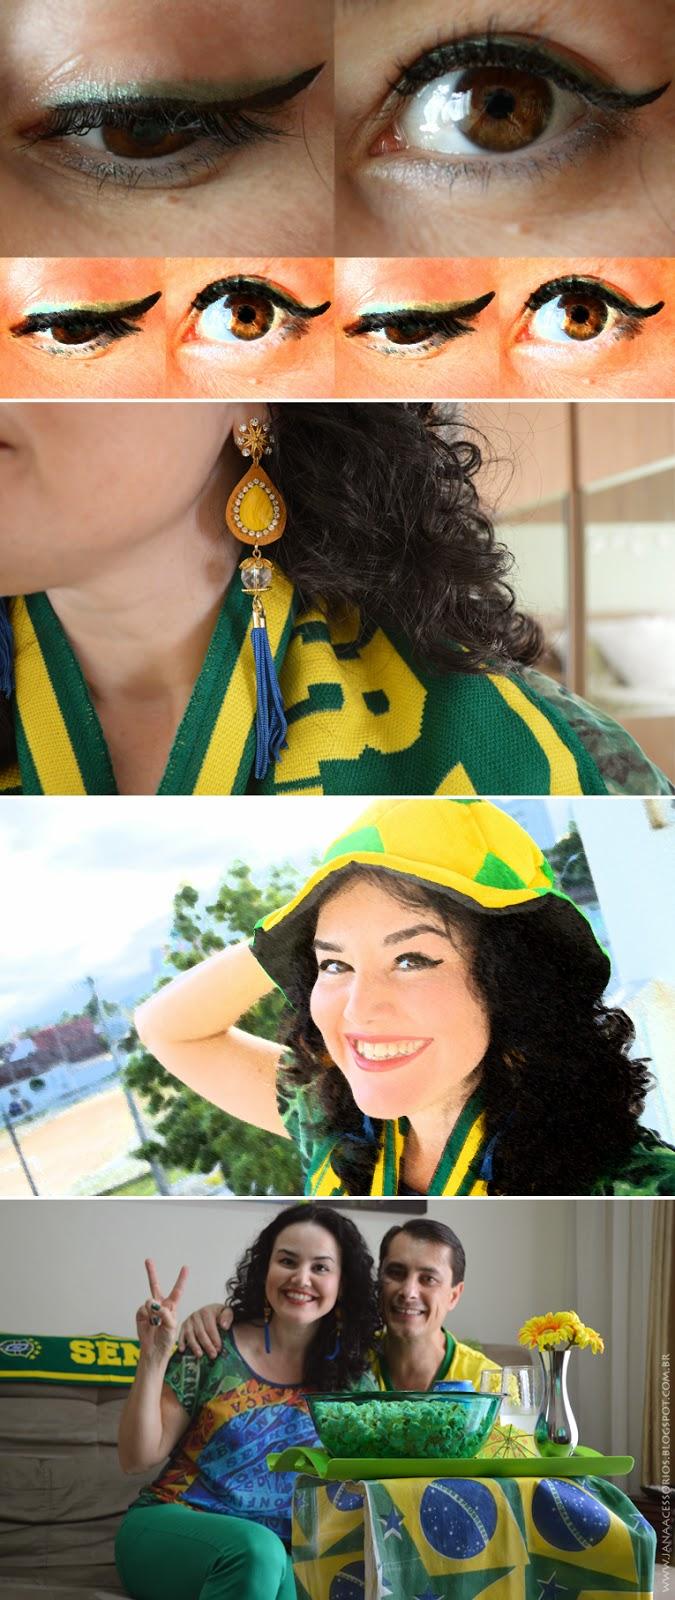 Copa do Mundo, Brasil, brasilidade, verde, amarelo, cantinho, look, blogueira, blogger, joinville, sc,